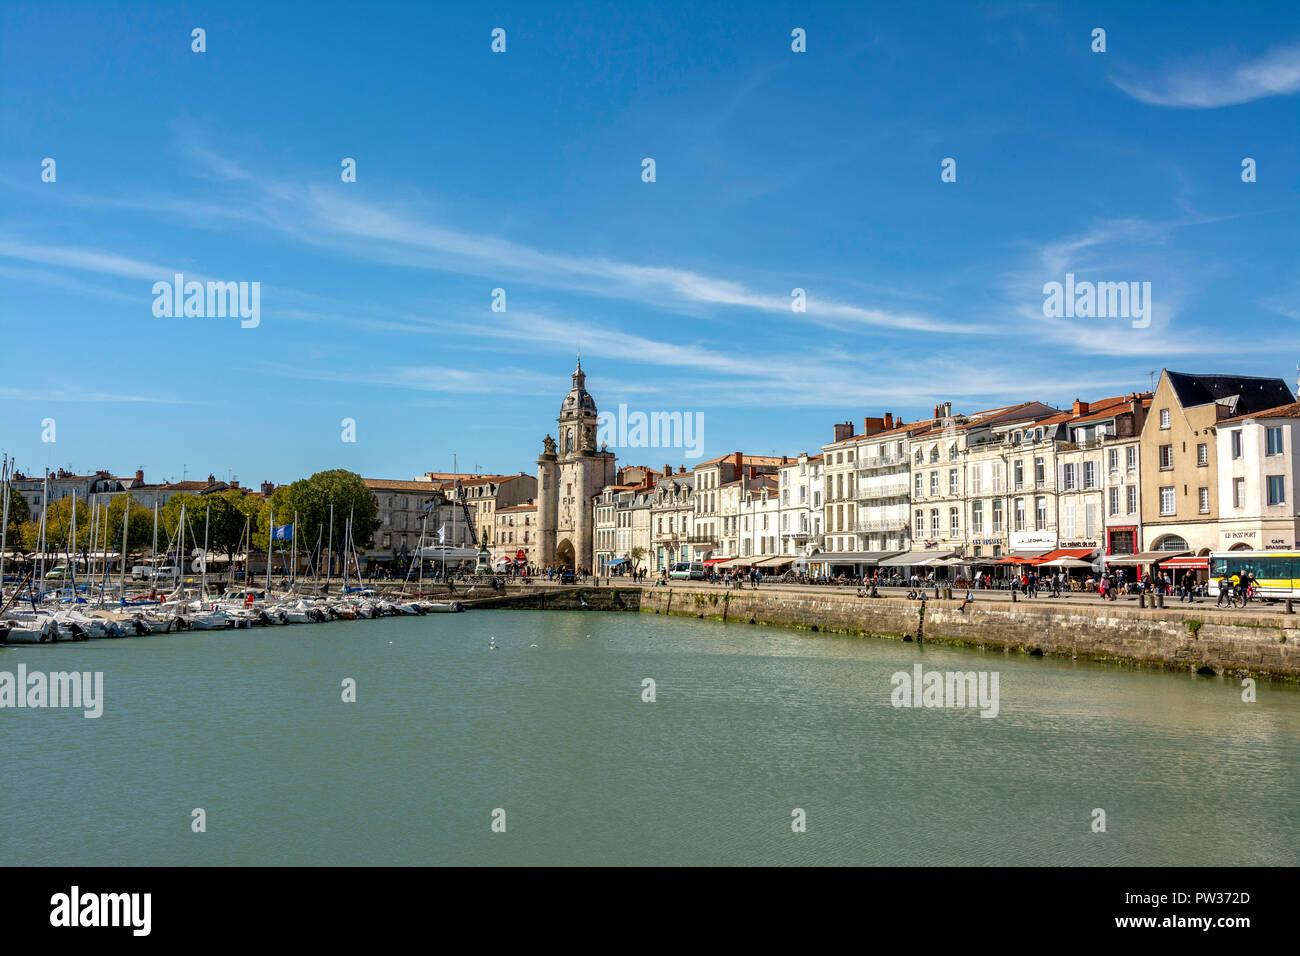 The old port (Vieux Port) of La Rochelle, Charente-Maritime,  Nouvelle-Aquitaine, France - Stock Image